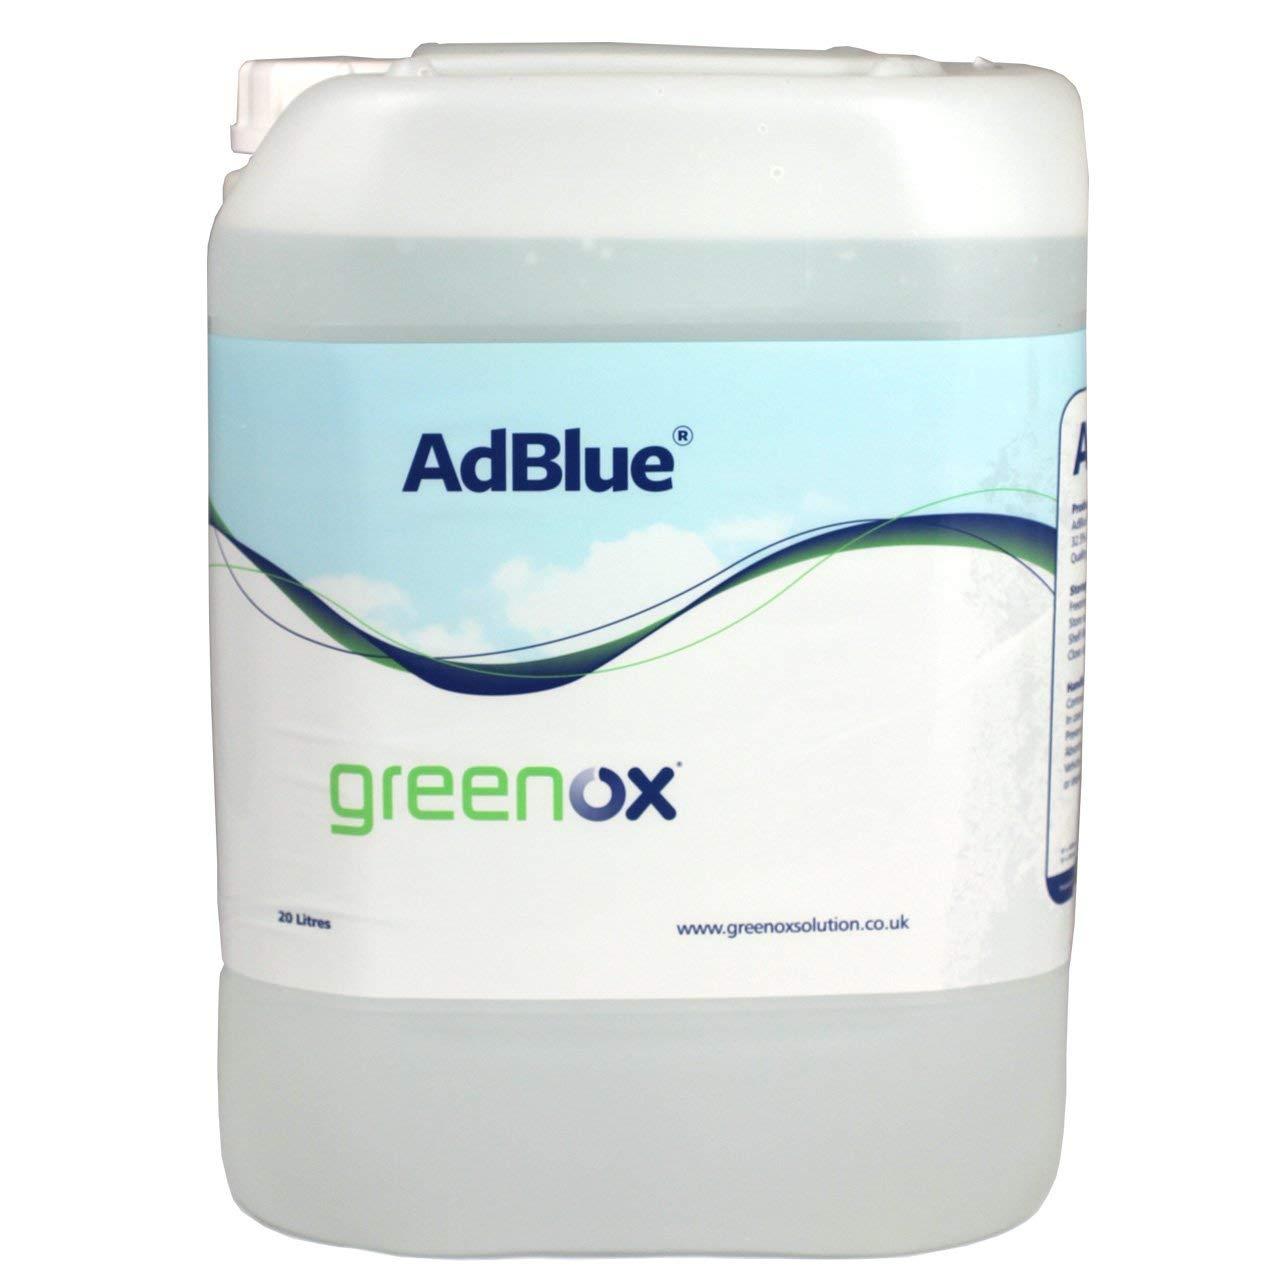 Greenox AdBlue - Solució n de urea para reducir las emisiones de gases de los motores dié sel, 20 litros